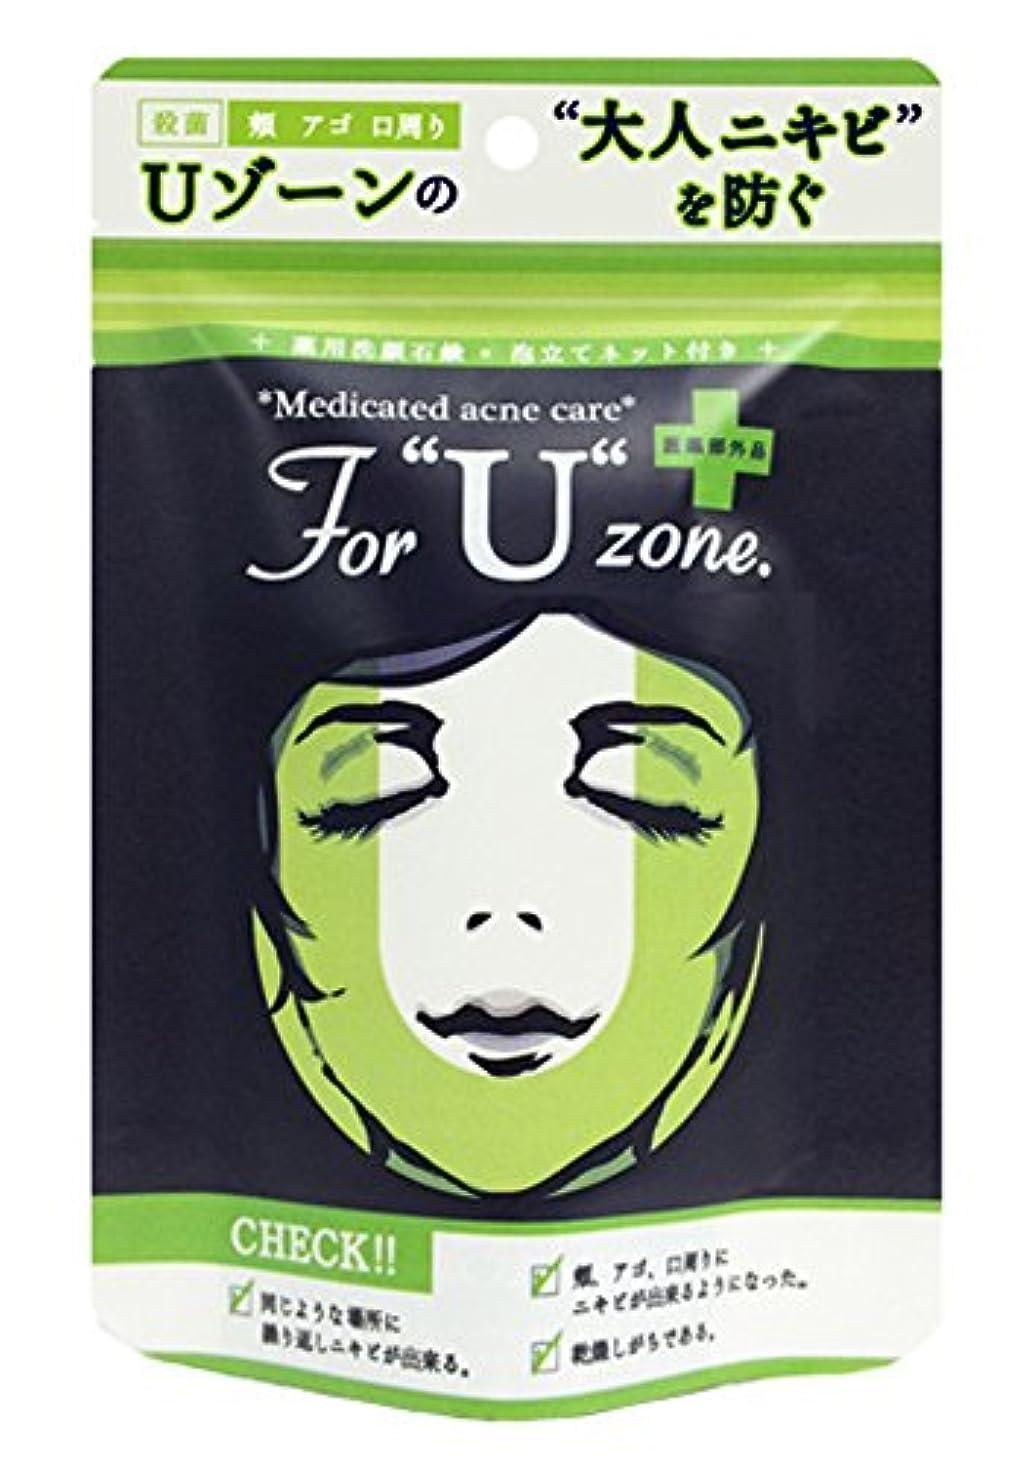 さわやか病気だと思う投げ捨てる薬用石鹸 ForUzone 100g